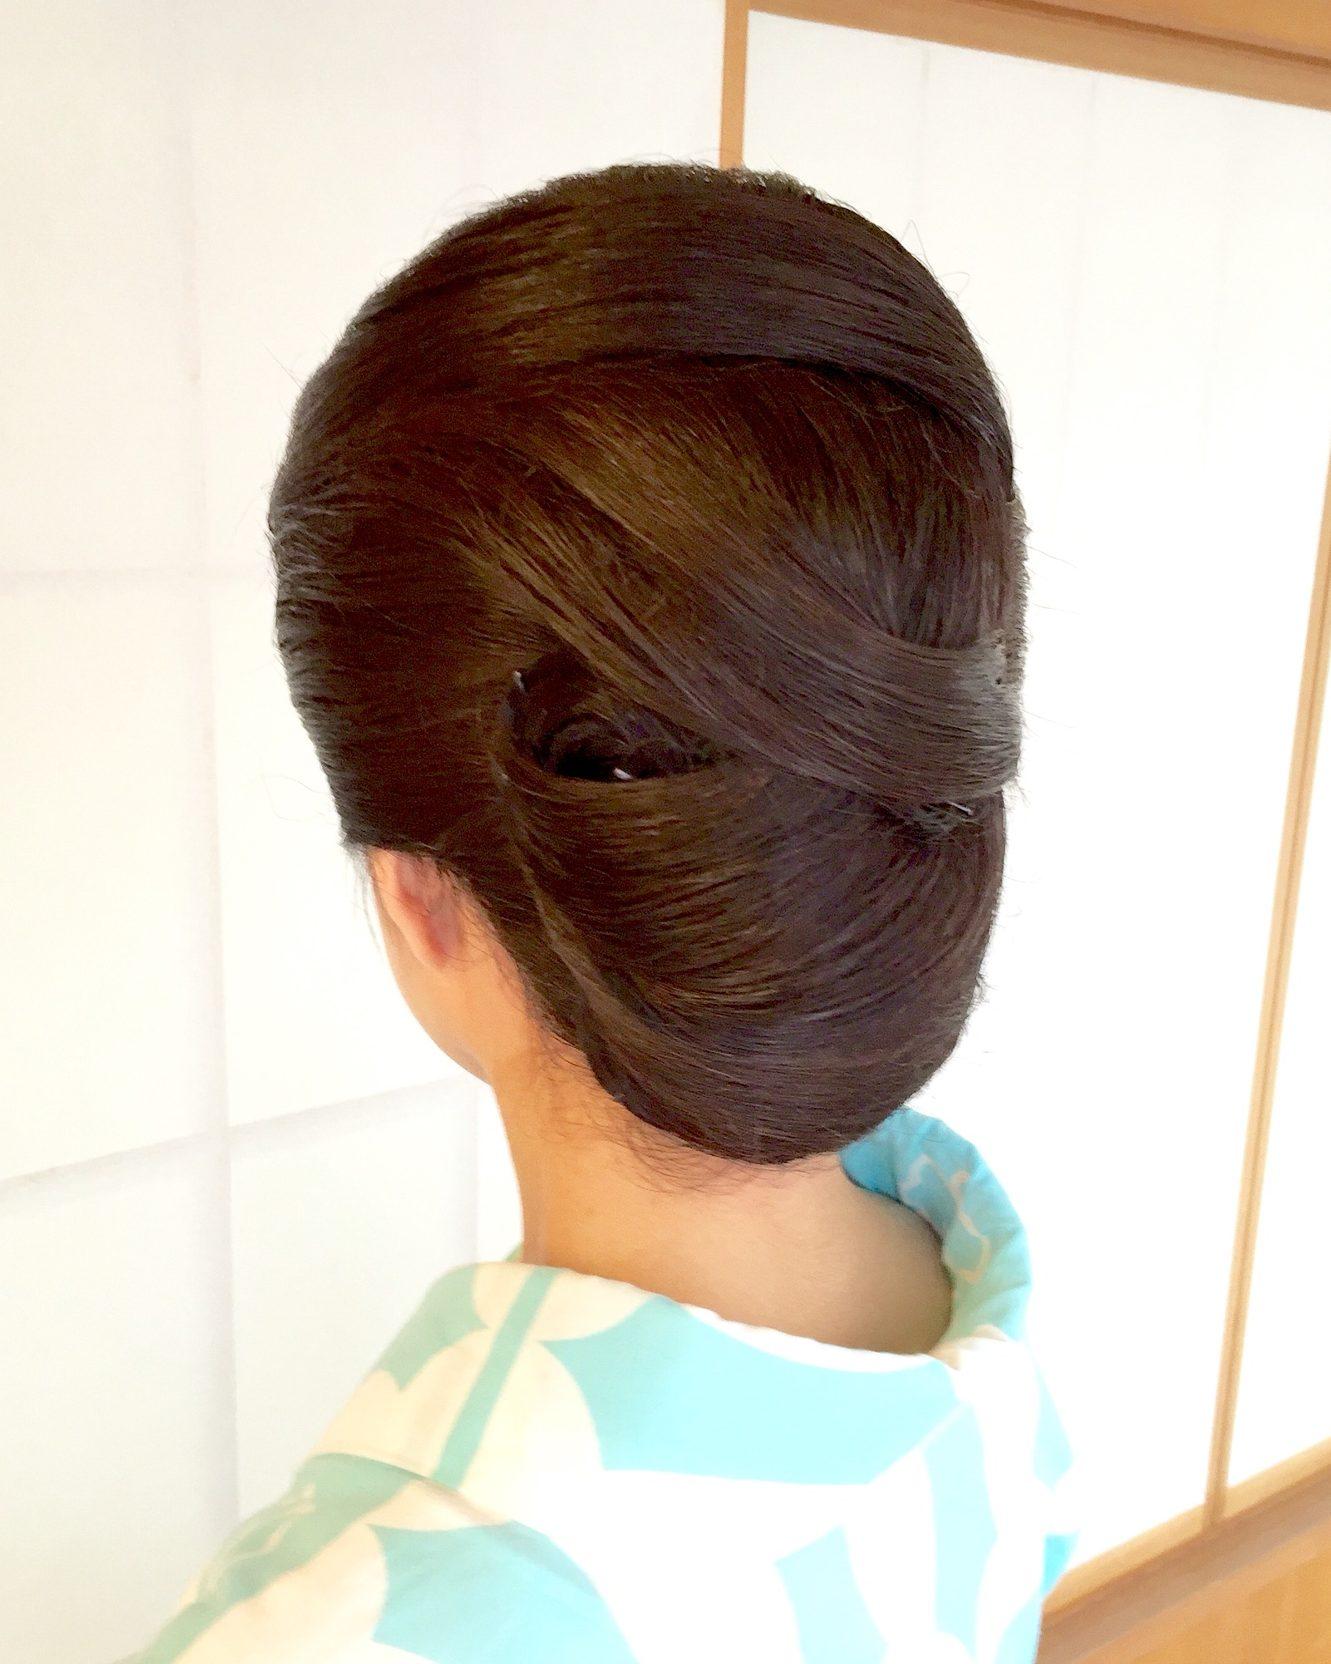 和装ヘアスタイル 髪の流れが美しい!東京・神楽坂でヘアセット